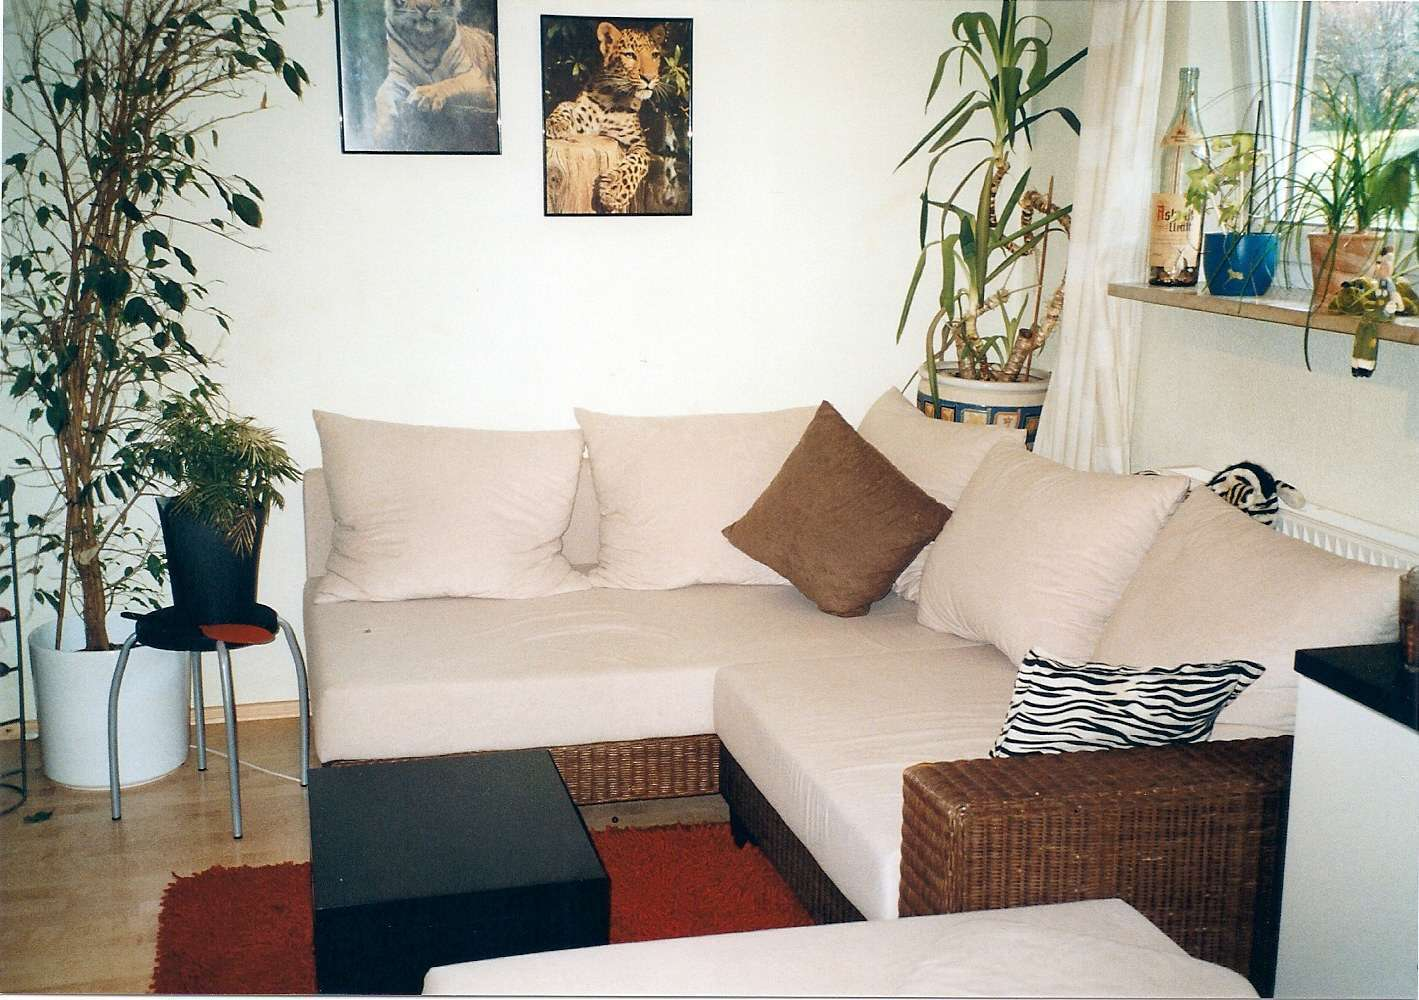 Bad Wiessee - Schönes teilmöbl. 1 Zi-Appartment 30 m2 in ruh., zentr. Lage, in Seenähe